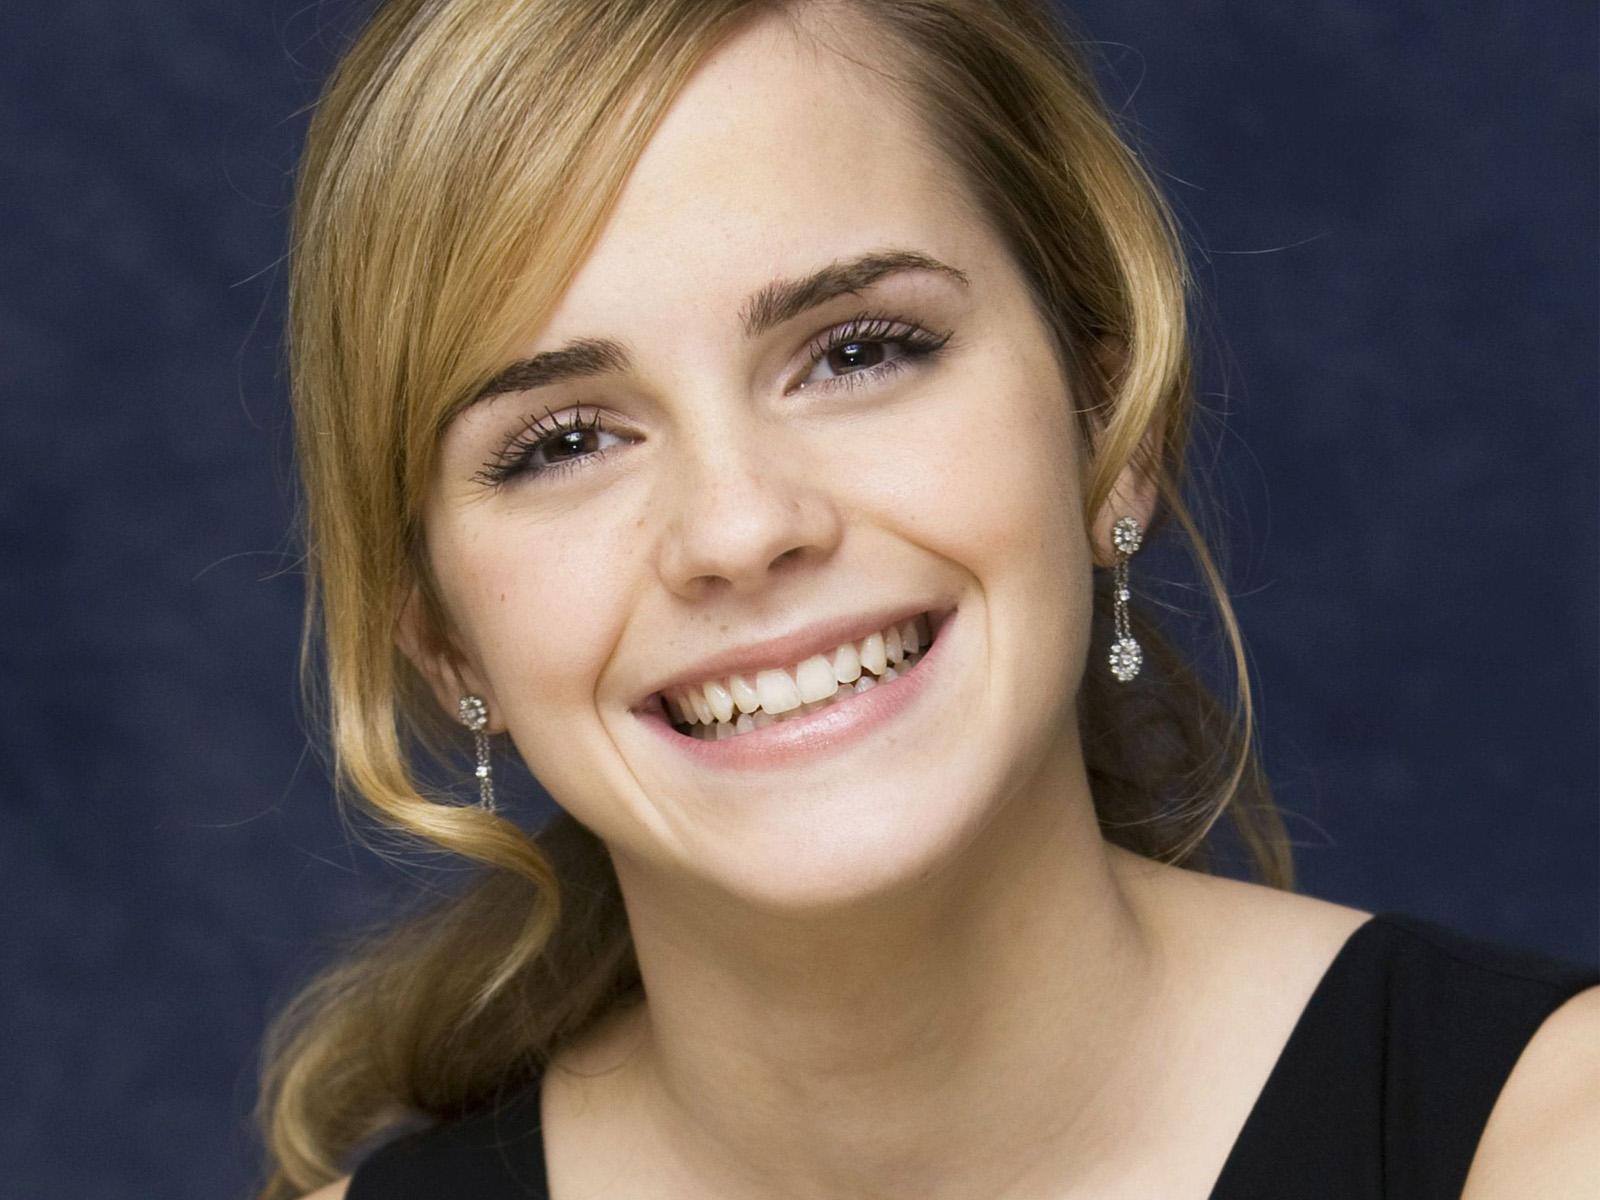 http://2.bp.blogspot.com/-t-5Khnxyxxo/UAqv7zLspGI/AAAAAAAAAmM/QtWe-AIfSPQ/s1600/Emma+Watson+Beautiful+Smile+High+Quality.jpg